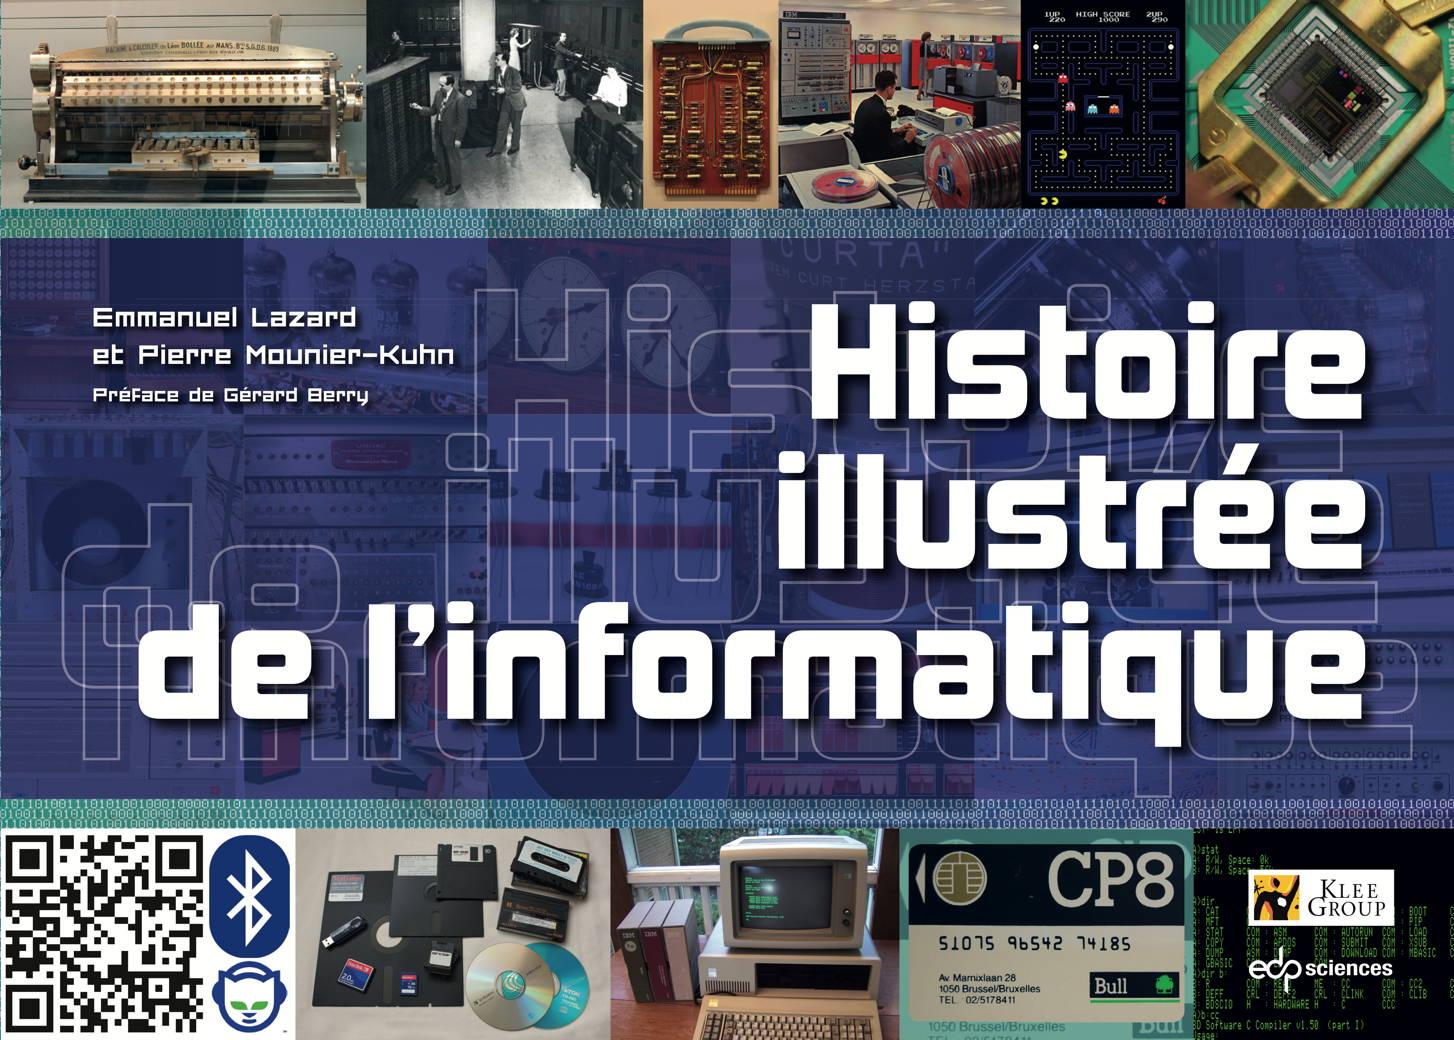 nouveau livre    u201chistoire illustr u00e9e de l u2019informatique u201d